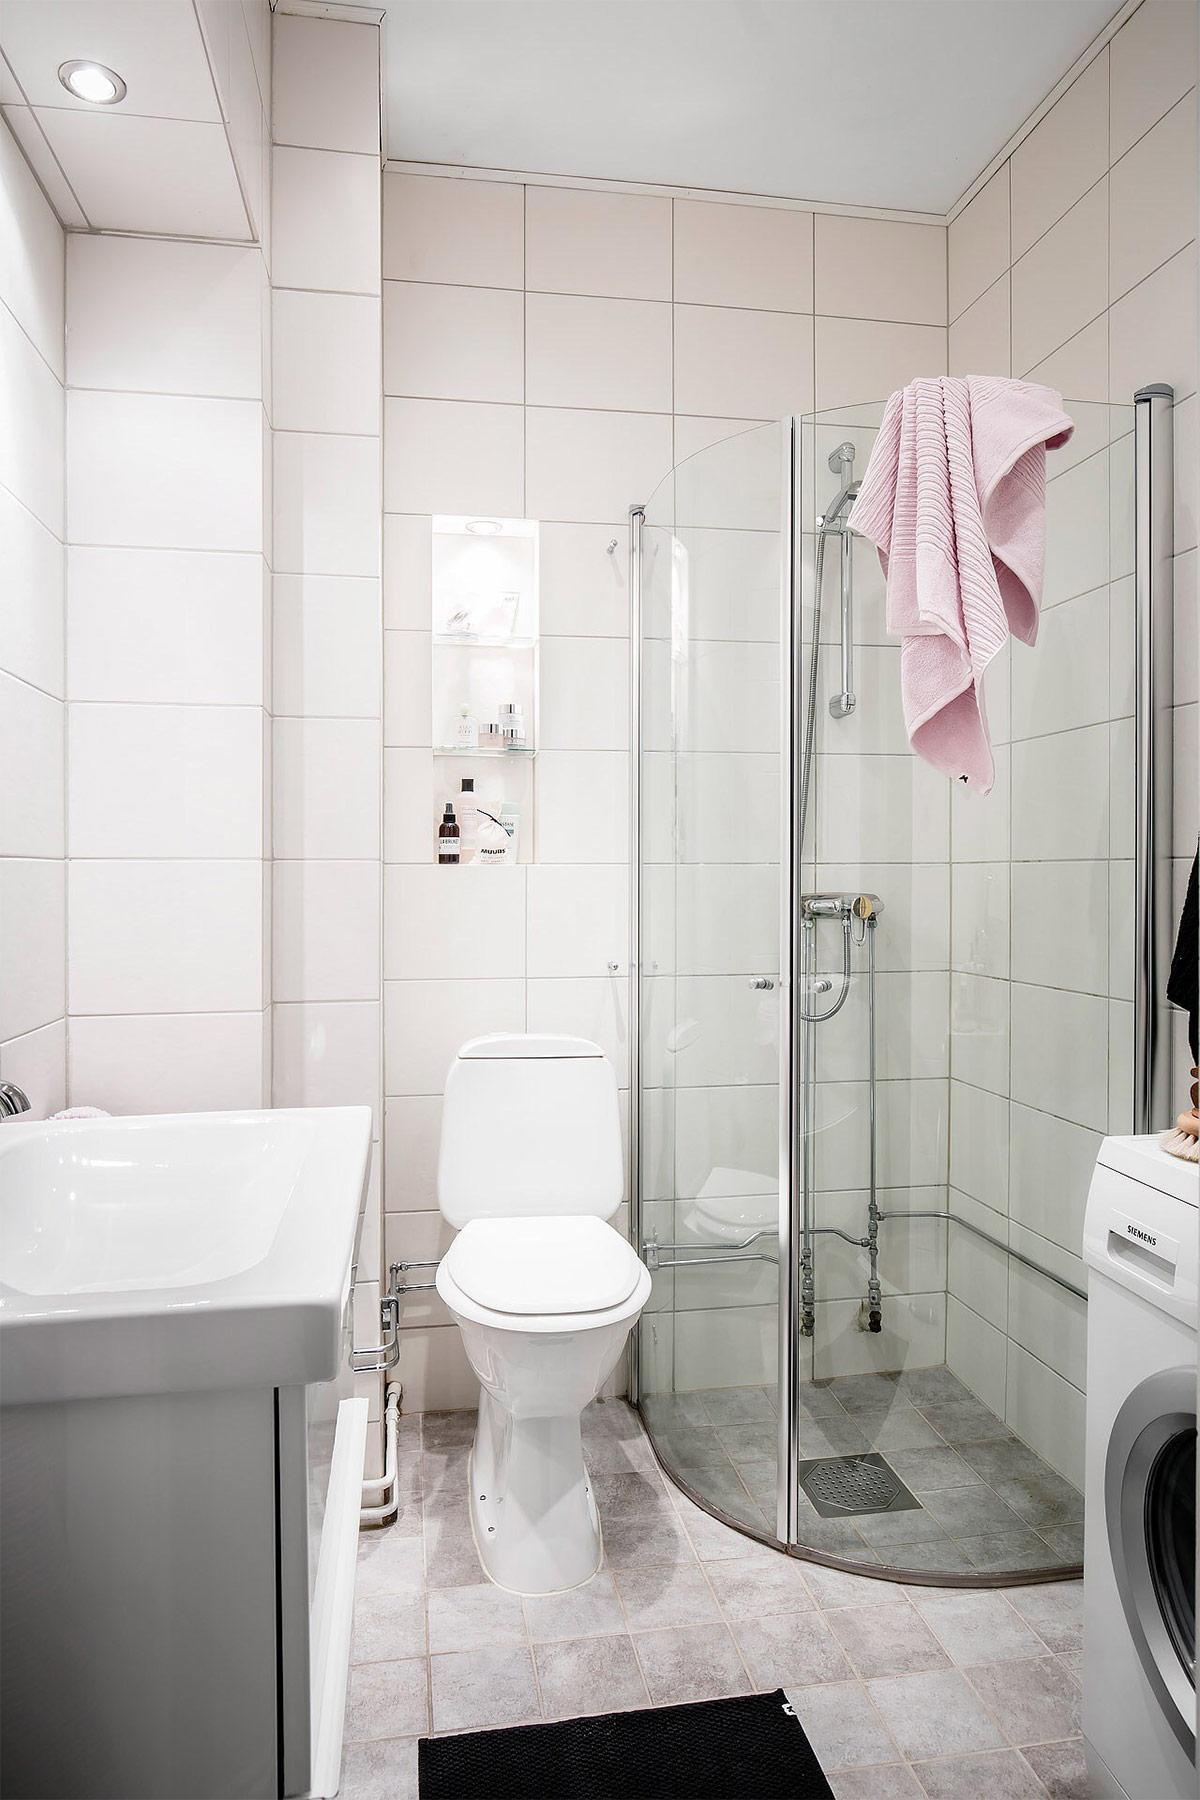 Thiết kế căn hộ nhỏ xinh với phong cách Scandinavian thiet ke can ho nho phong cach scandinavian 9